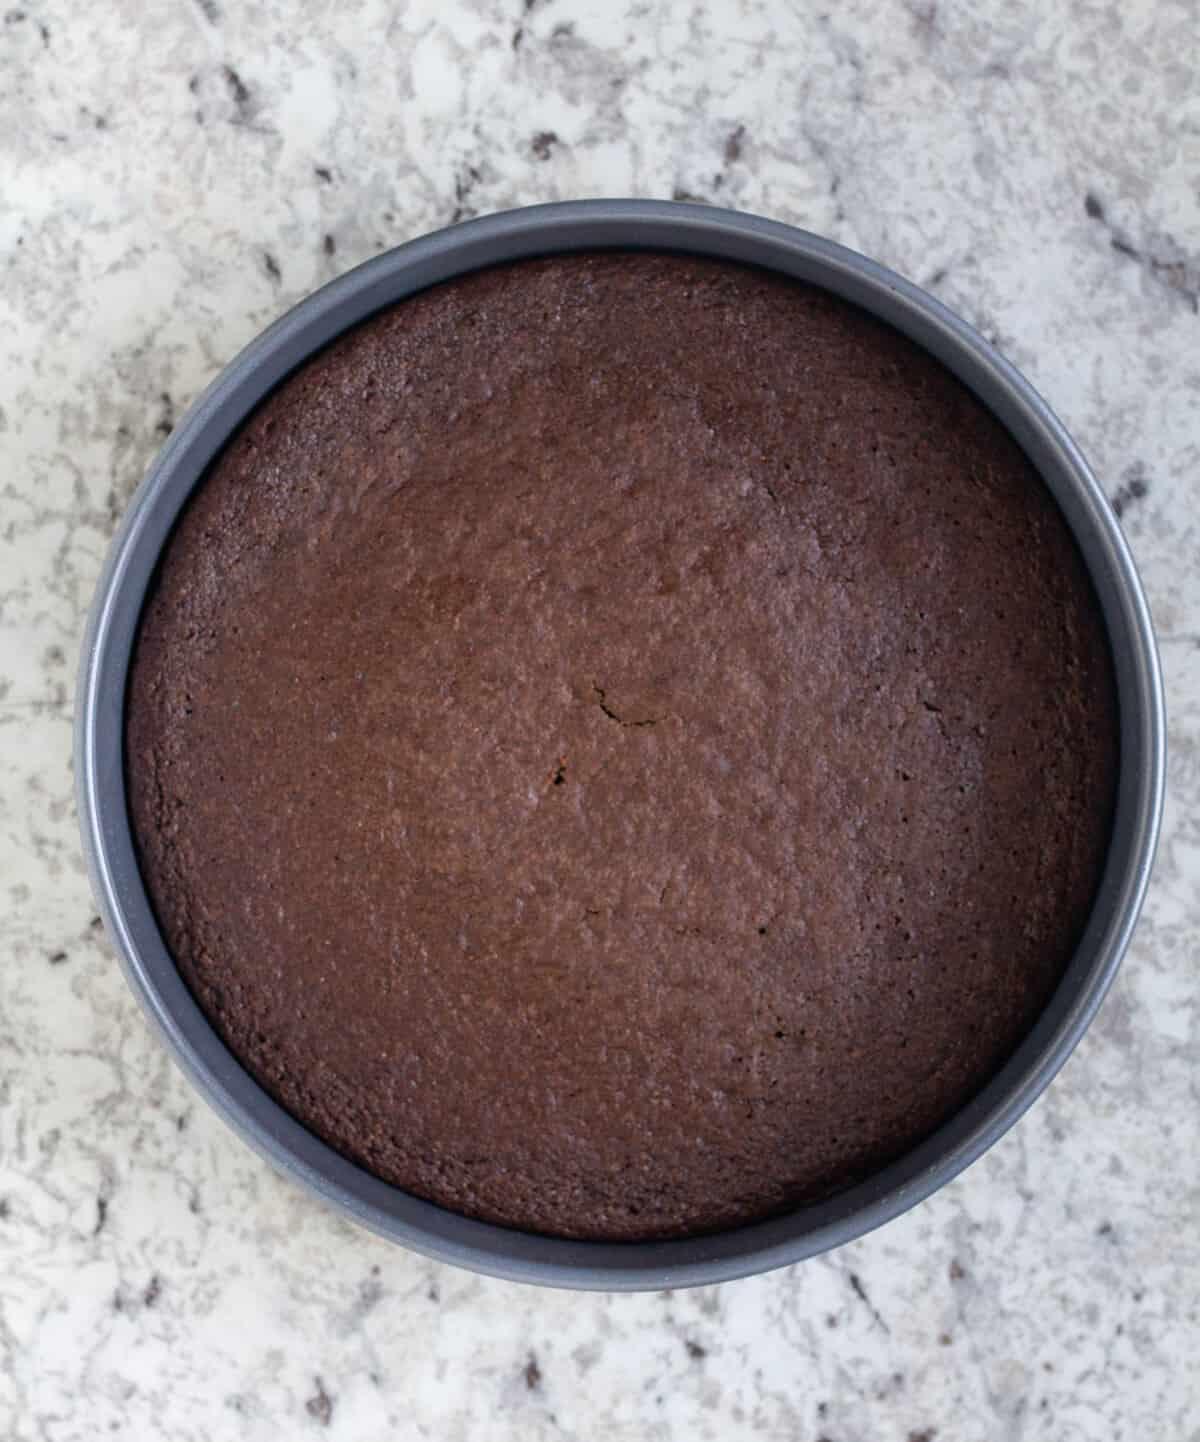 baked cake in cake pan